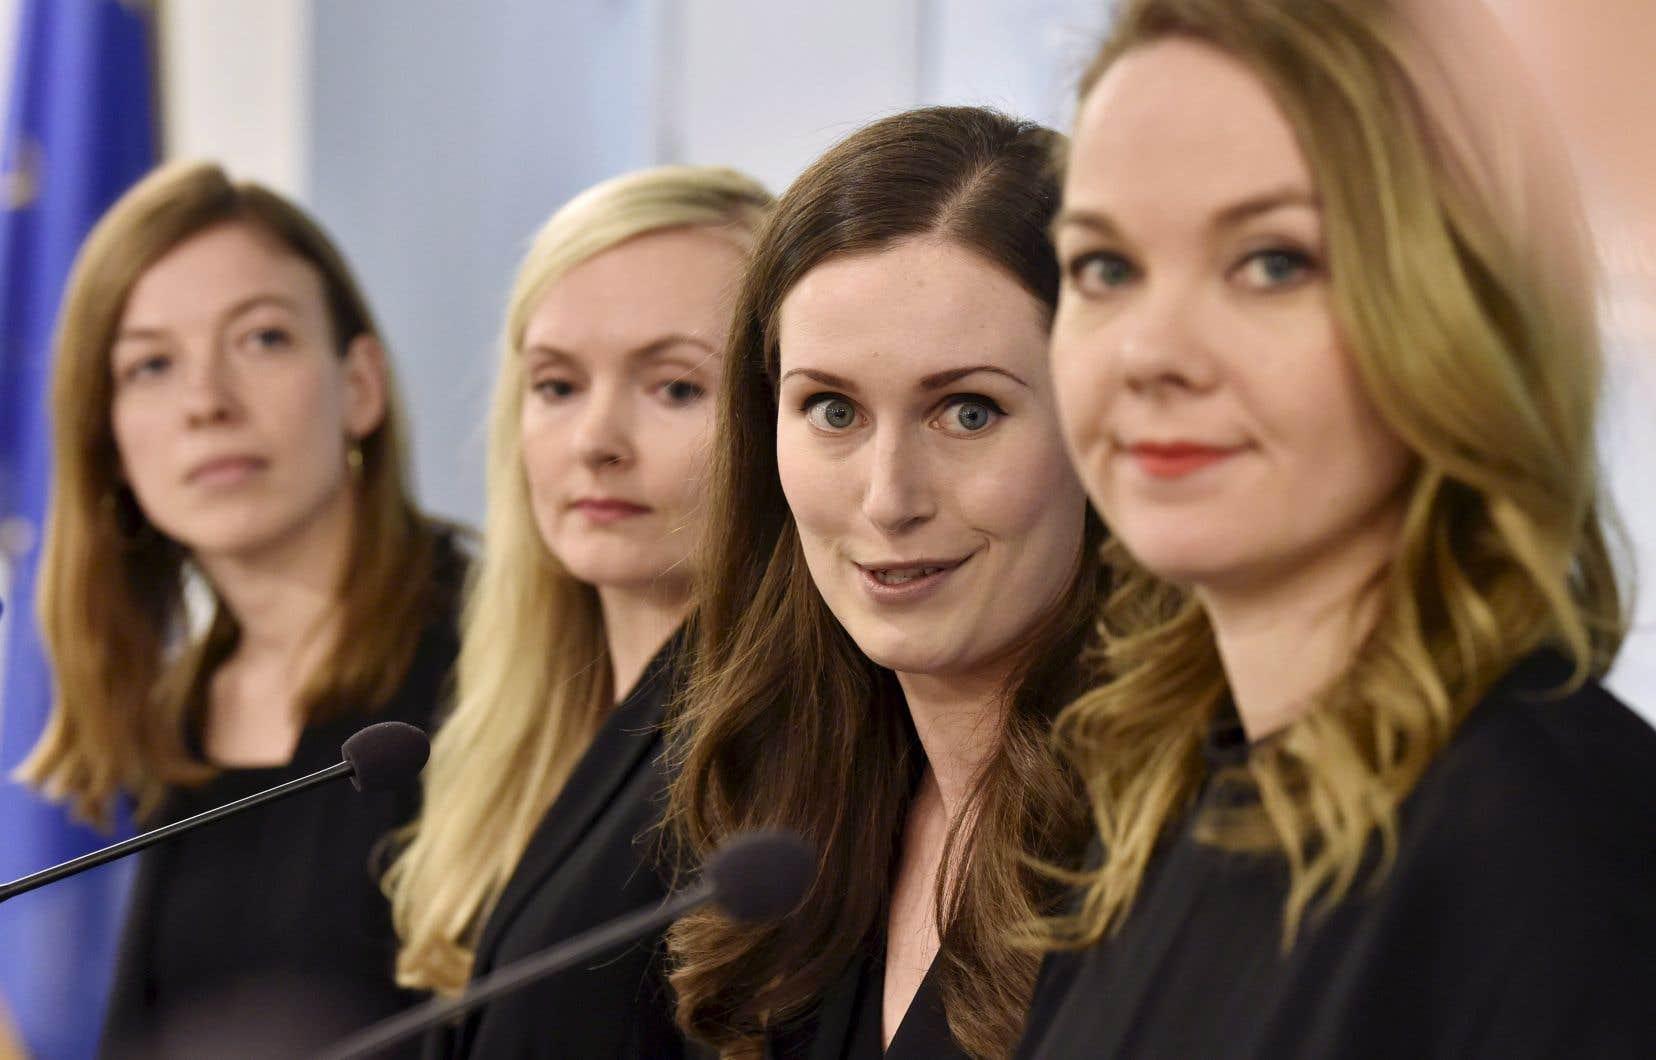 L'ascension fulgurante de Sanna Marin installe des femmes aux commandes des cinq formations composant la coalition de centre-gauche aux affaires, dont toutes, sauf une, ont moins de 35ans.